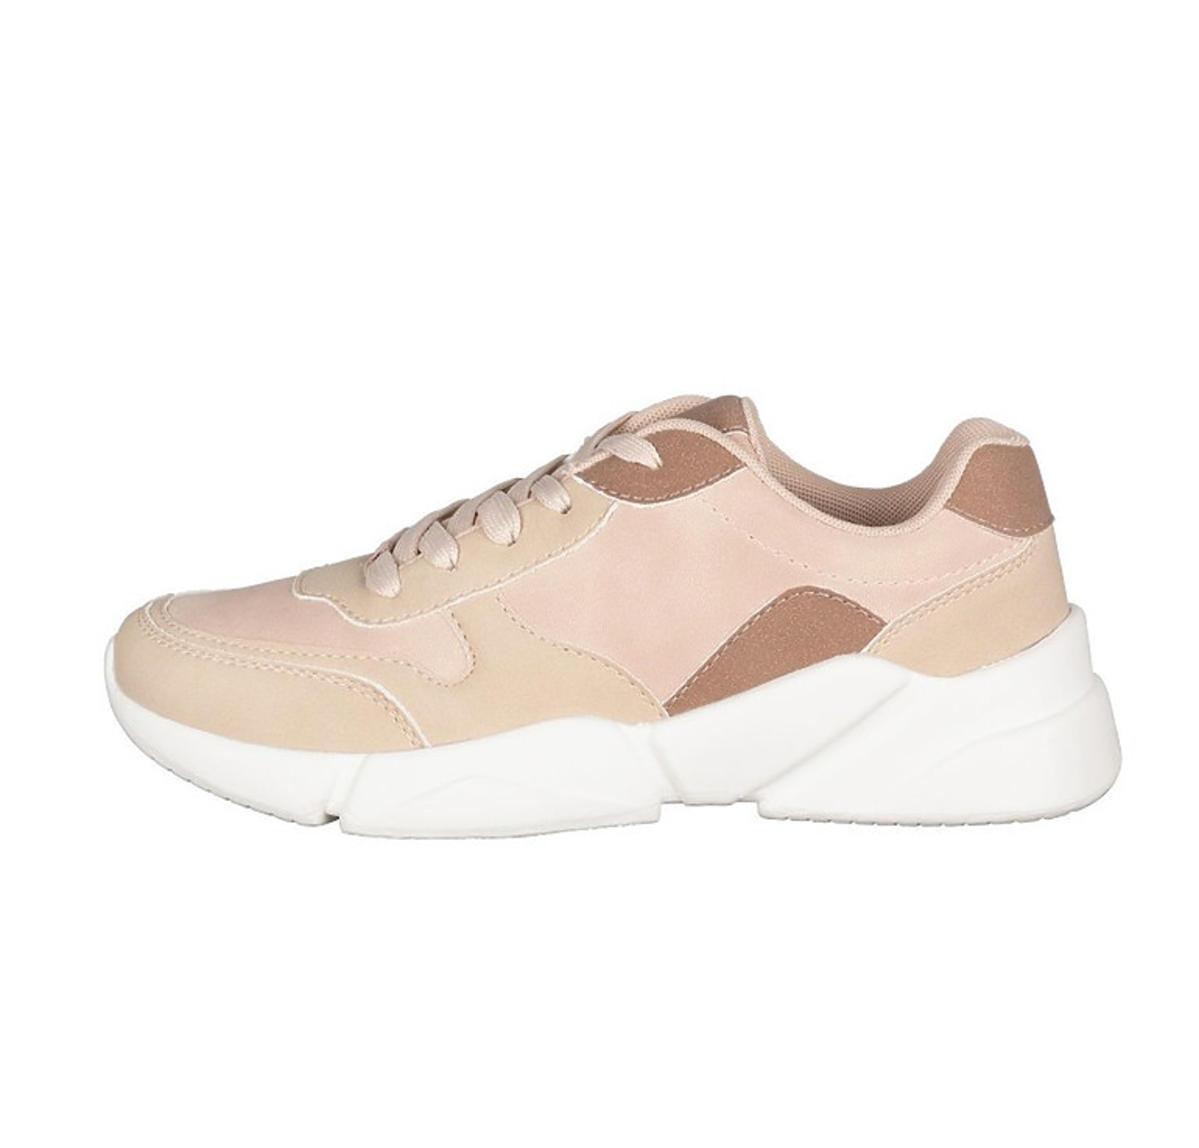 Lidl sprzedaje hitowe sneakersy! Esmara, 59,99 zł